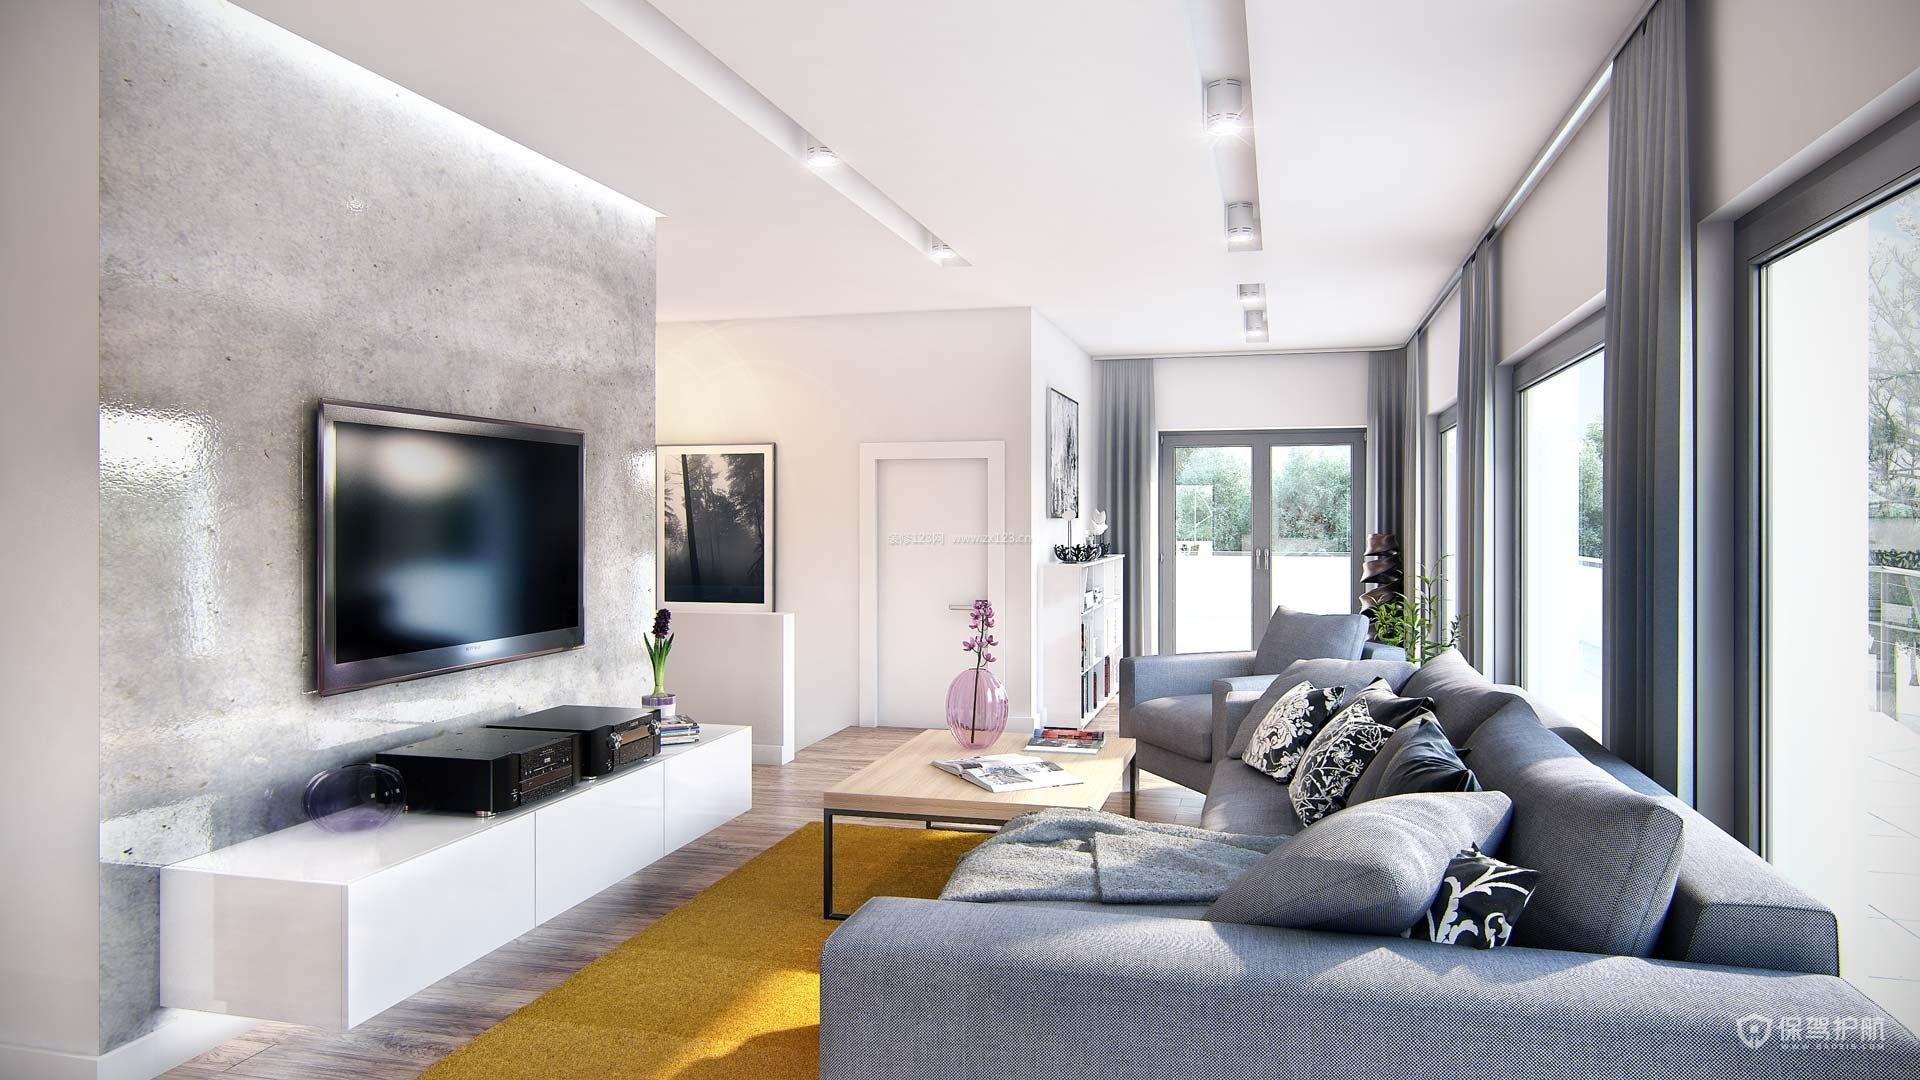 2019电视墙装修预算是多少?电视背景墙装修注意事项有哪些?